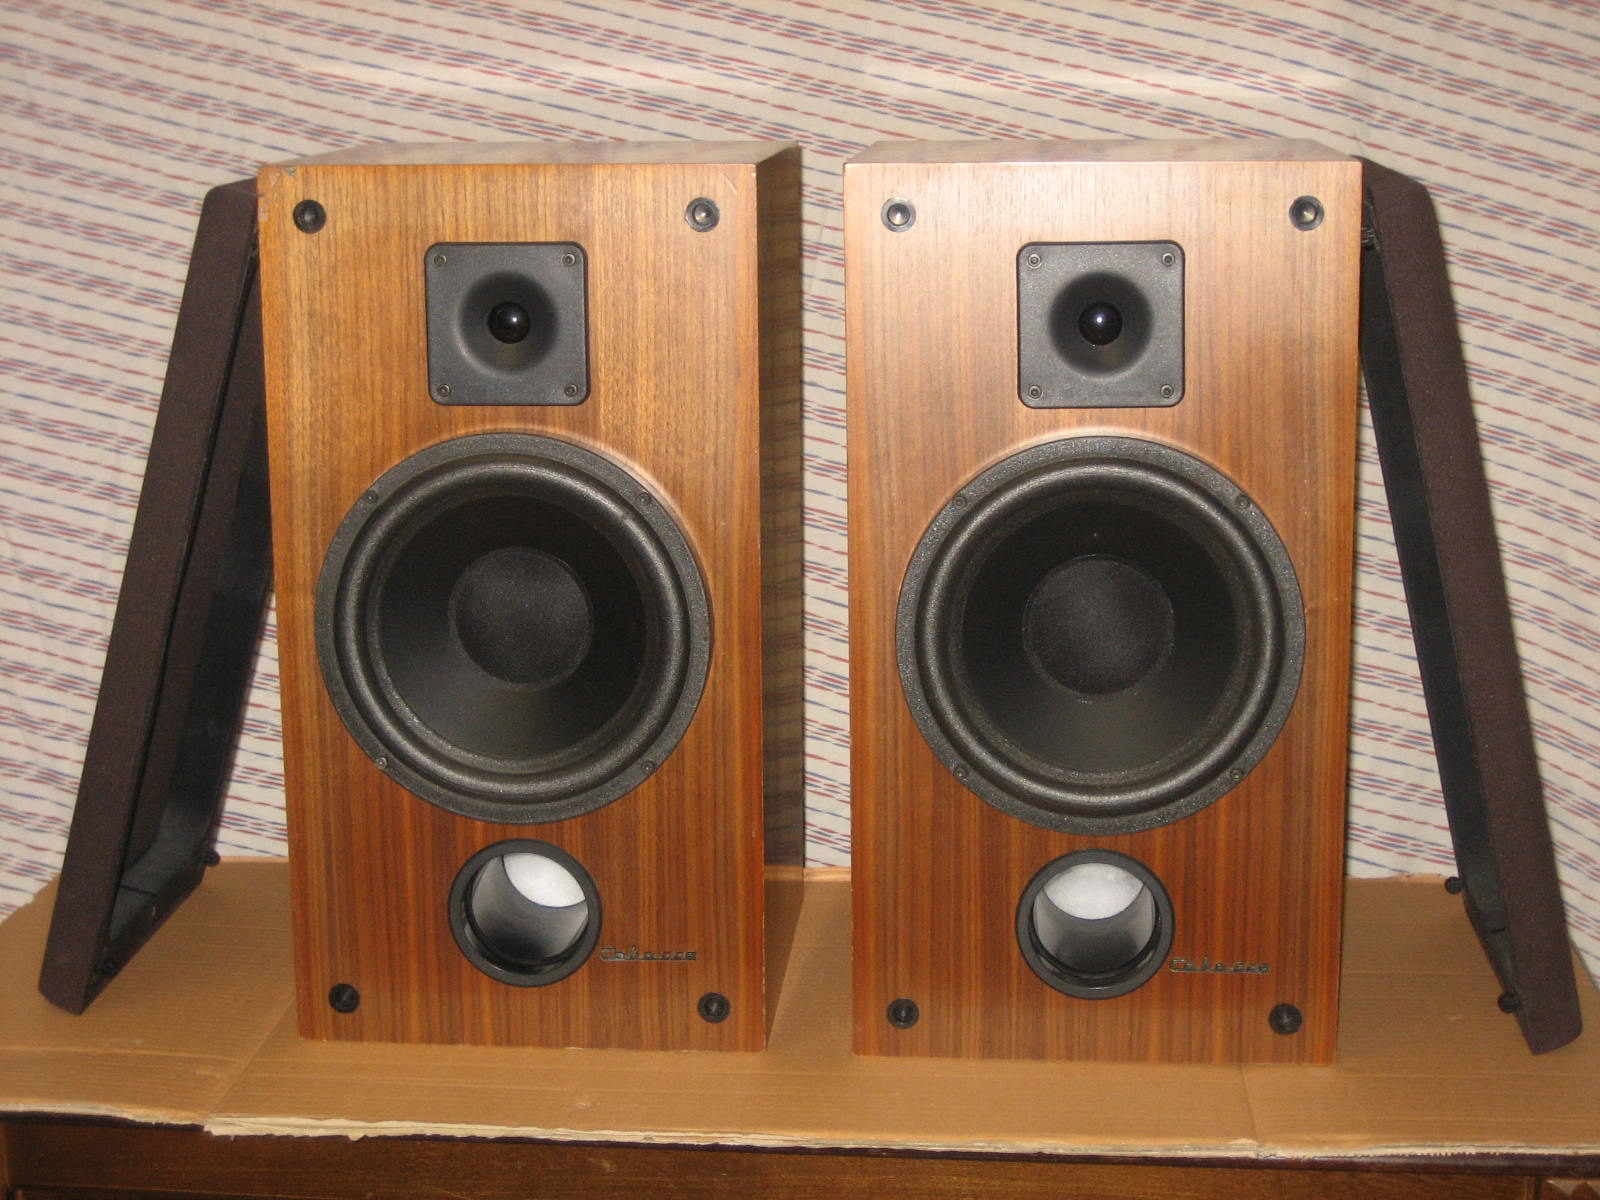 cabasse bisquine m2 image 85521 audiofanzine. Black Bedroom Furniture Sets. Home Design Ideas